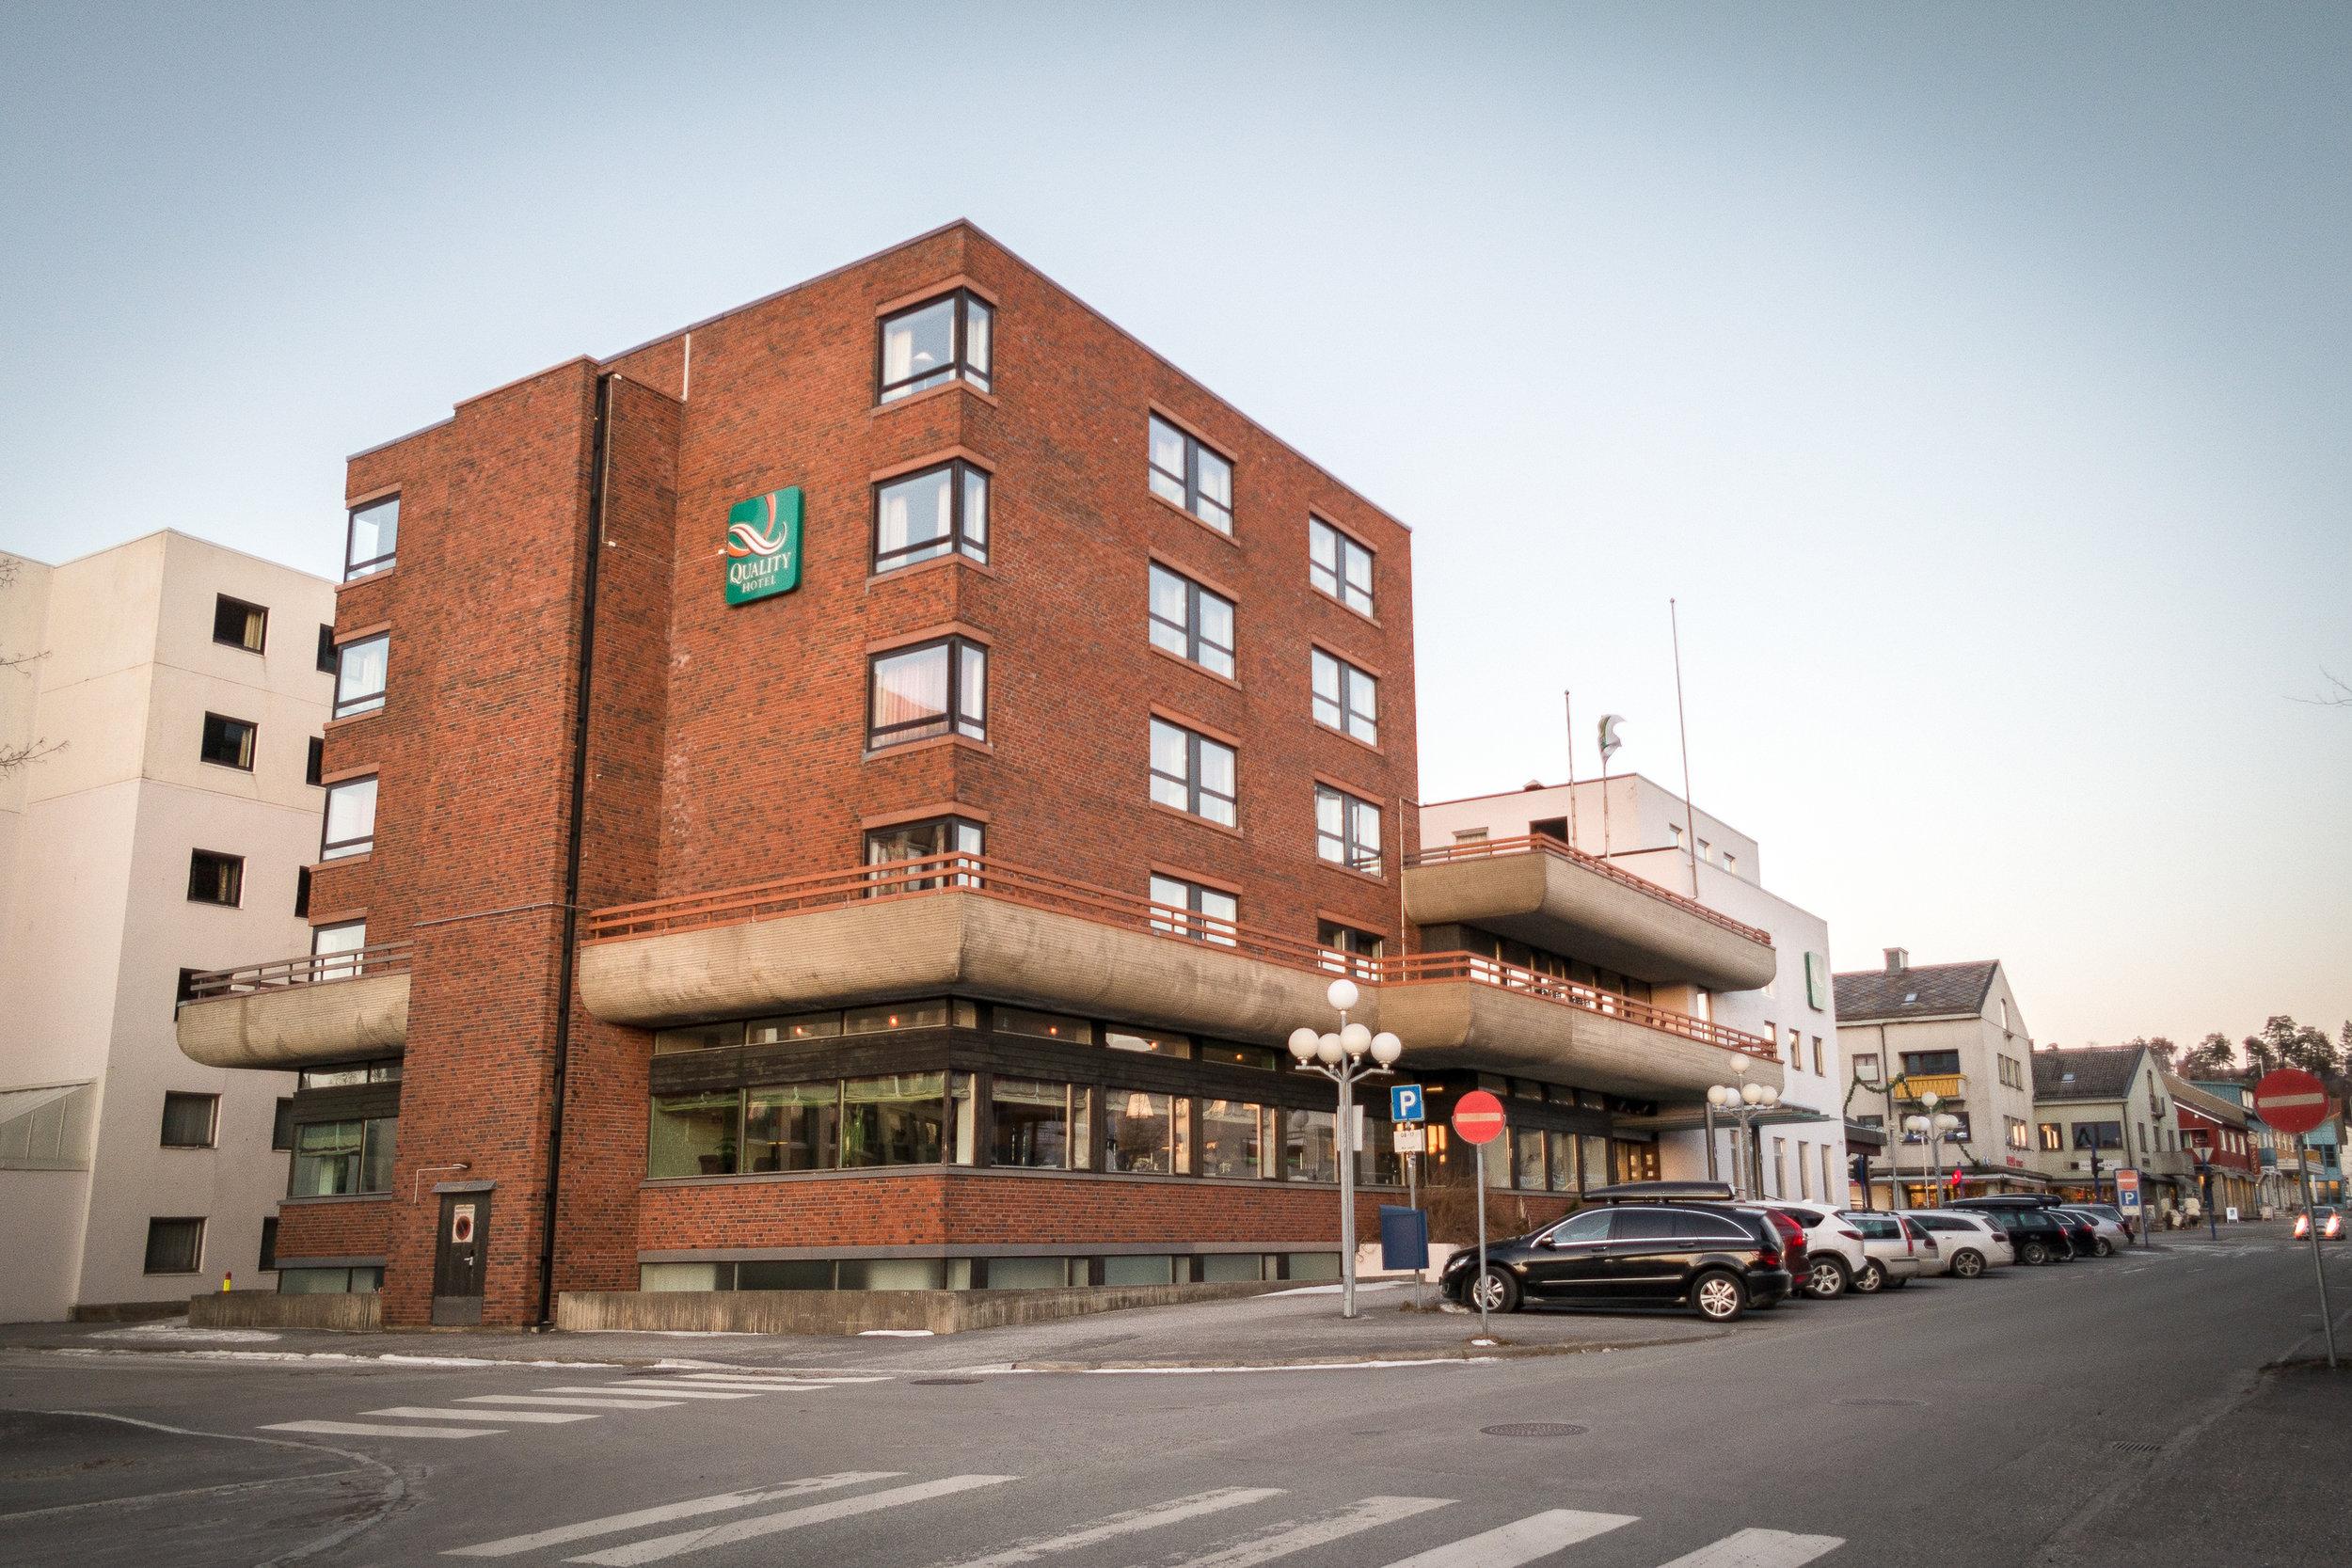 Quality Hotel Grand, Steinkjer   Med sin sentrale beliggenhet i Nord-Trøndelag er Quality Hotel Grand Steinkjer det naturlige valget for en konferanse i fylkeshovedstaden. Vi hjelper deg å gjennomføre små og store møter og konferanser i lyse og luftige lokaler.